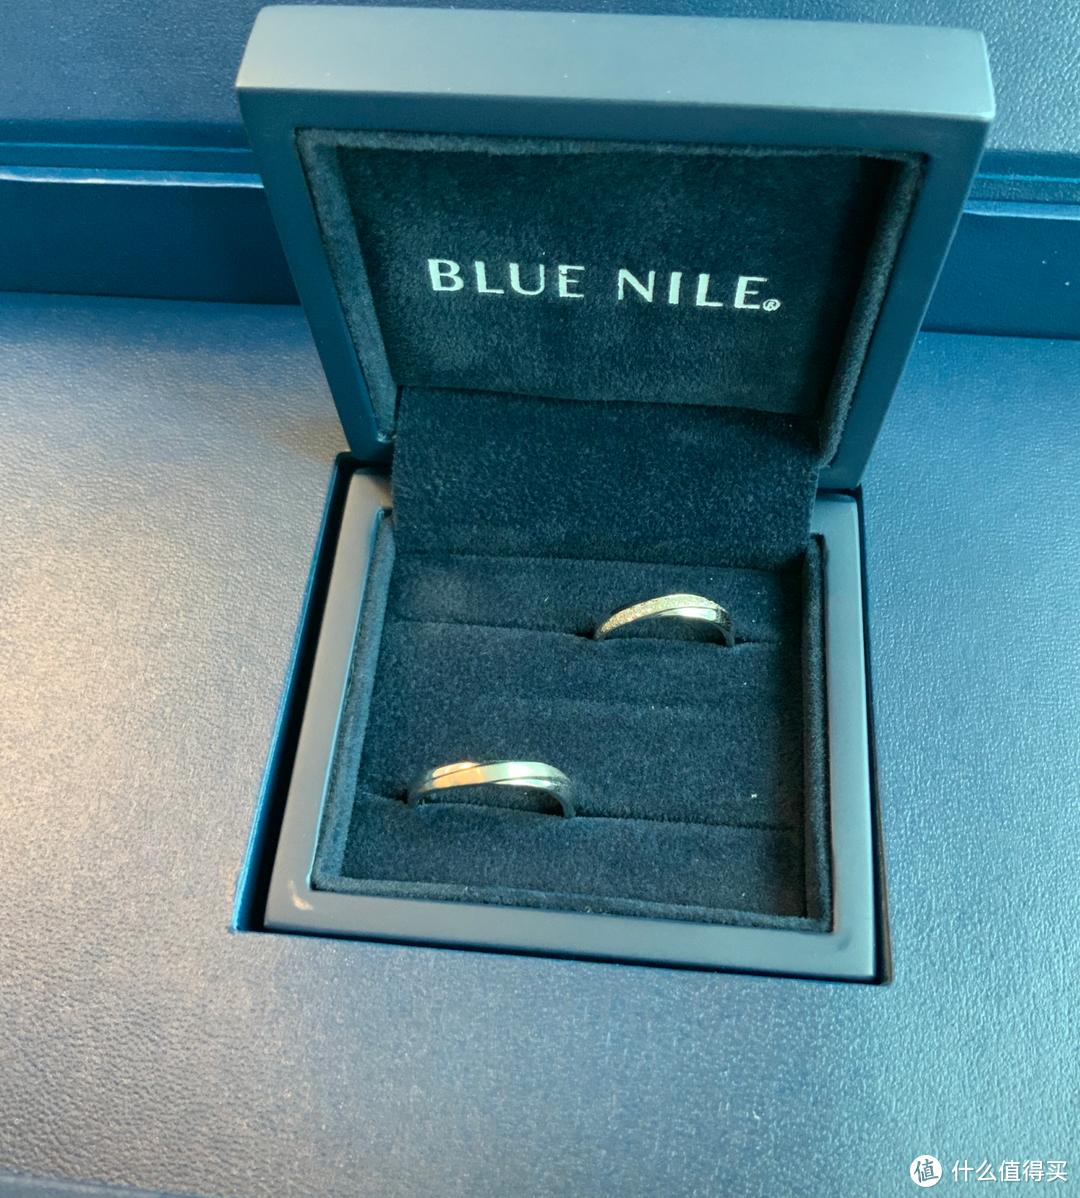 为生命中的至臻之人,浪漫七夕,Blue Nile为你求婚提供最佳助力